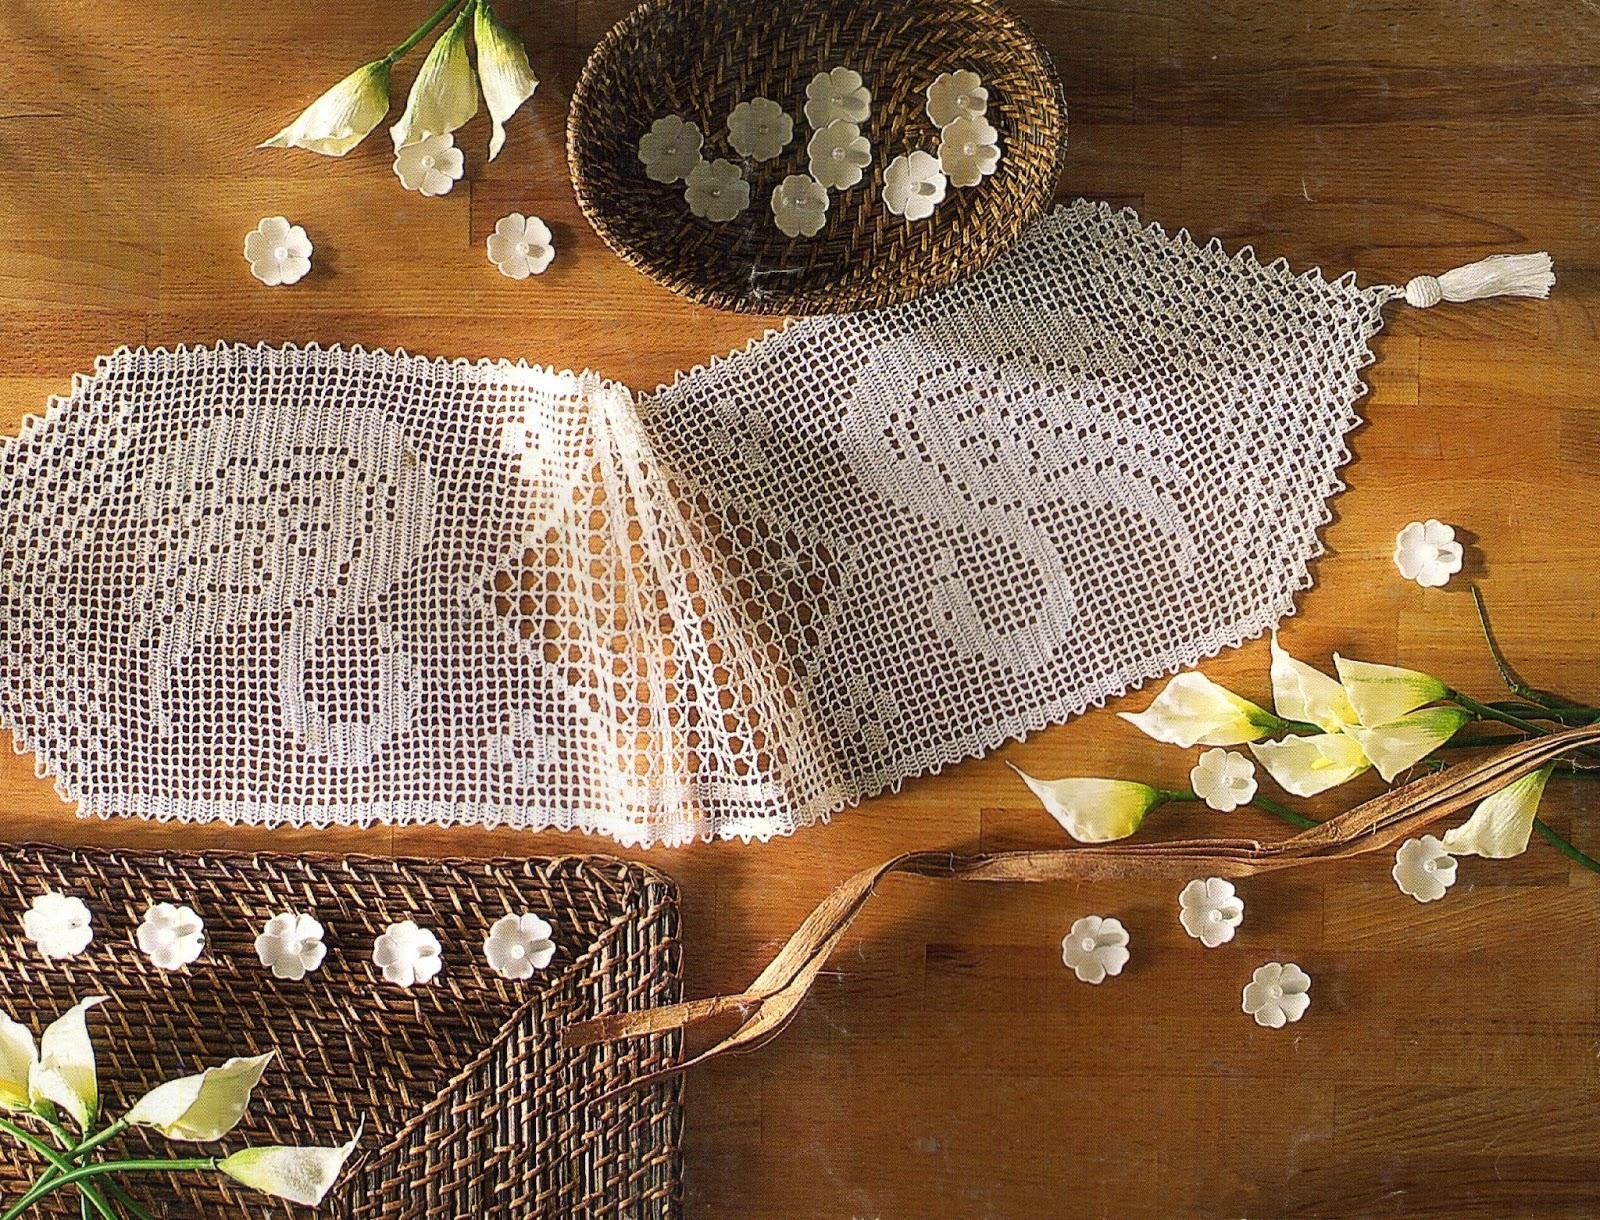 tejidos artesanales en crochet: Camino de mesa lago de los cisnes